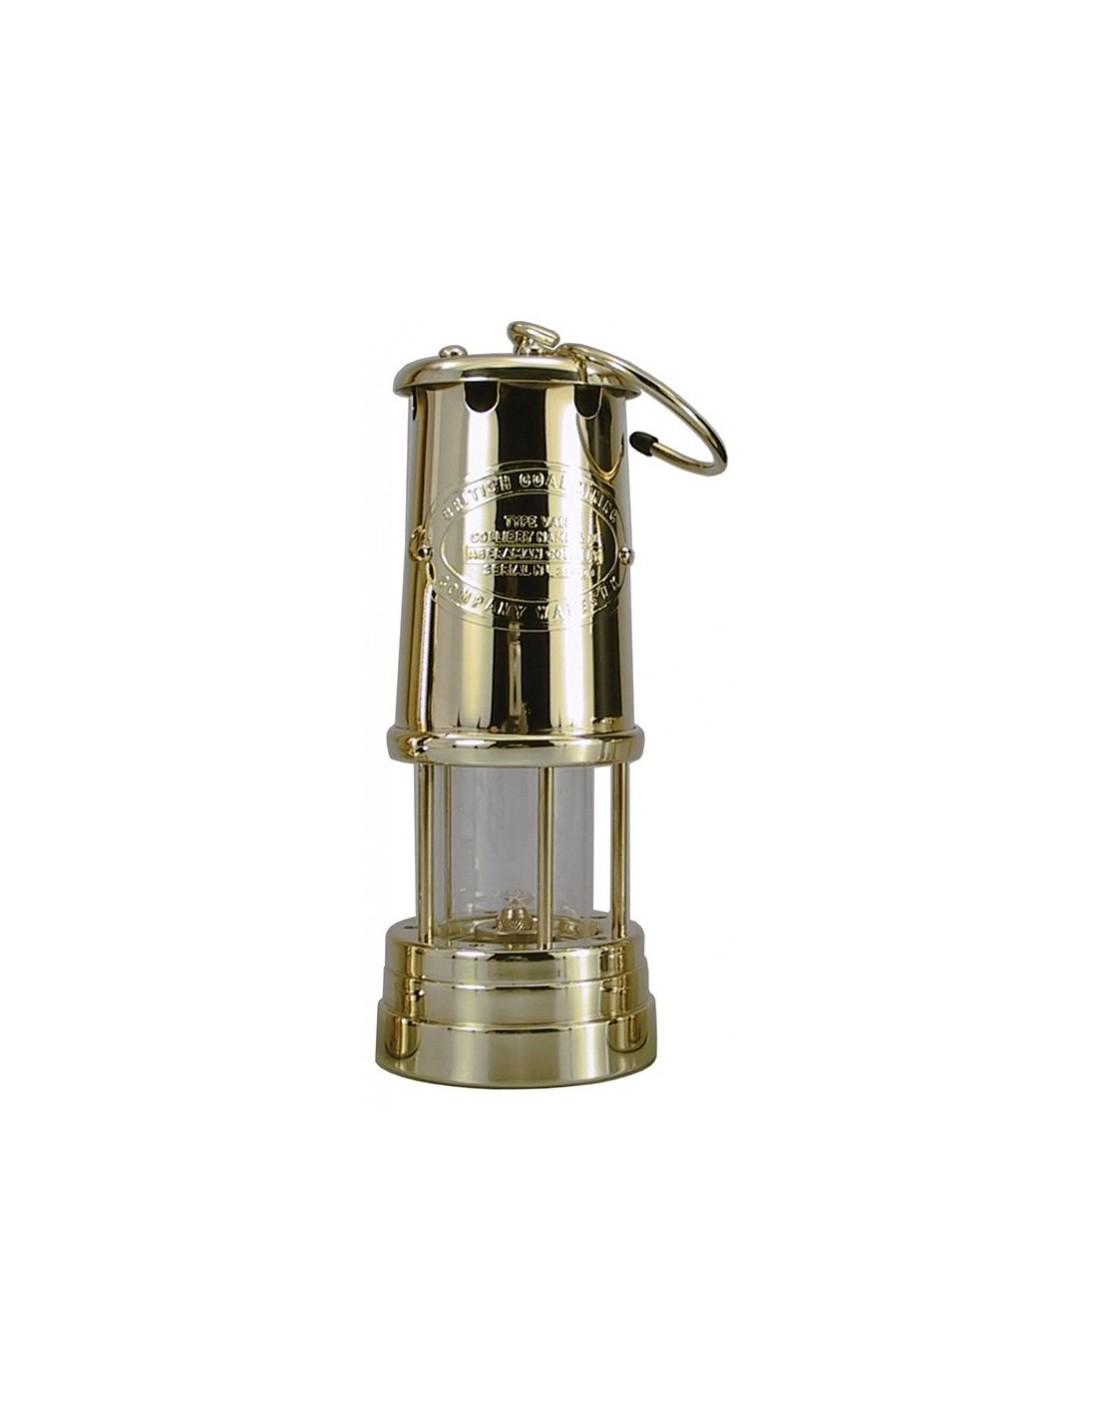 Welsh Miner Olielamp - Messing - Groot - Delite - Lampen - 1897M